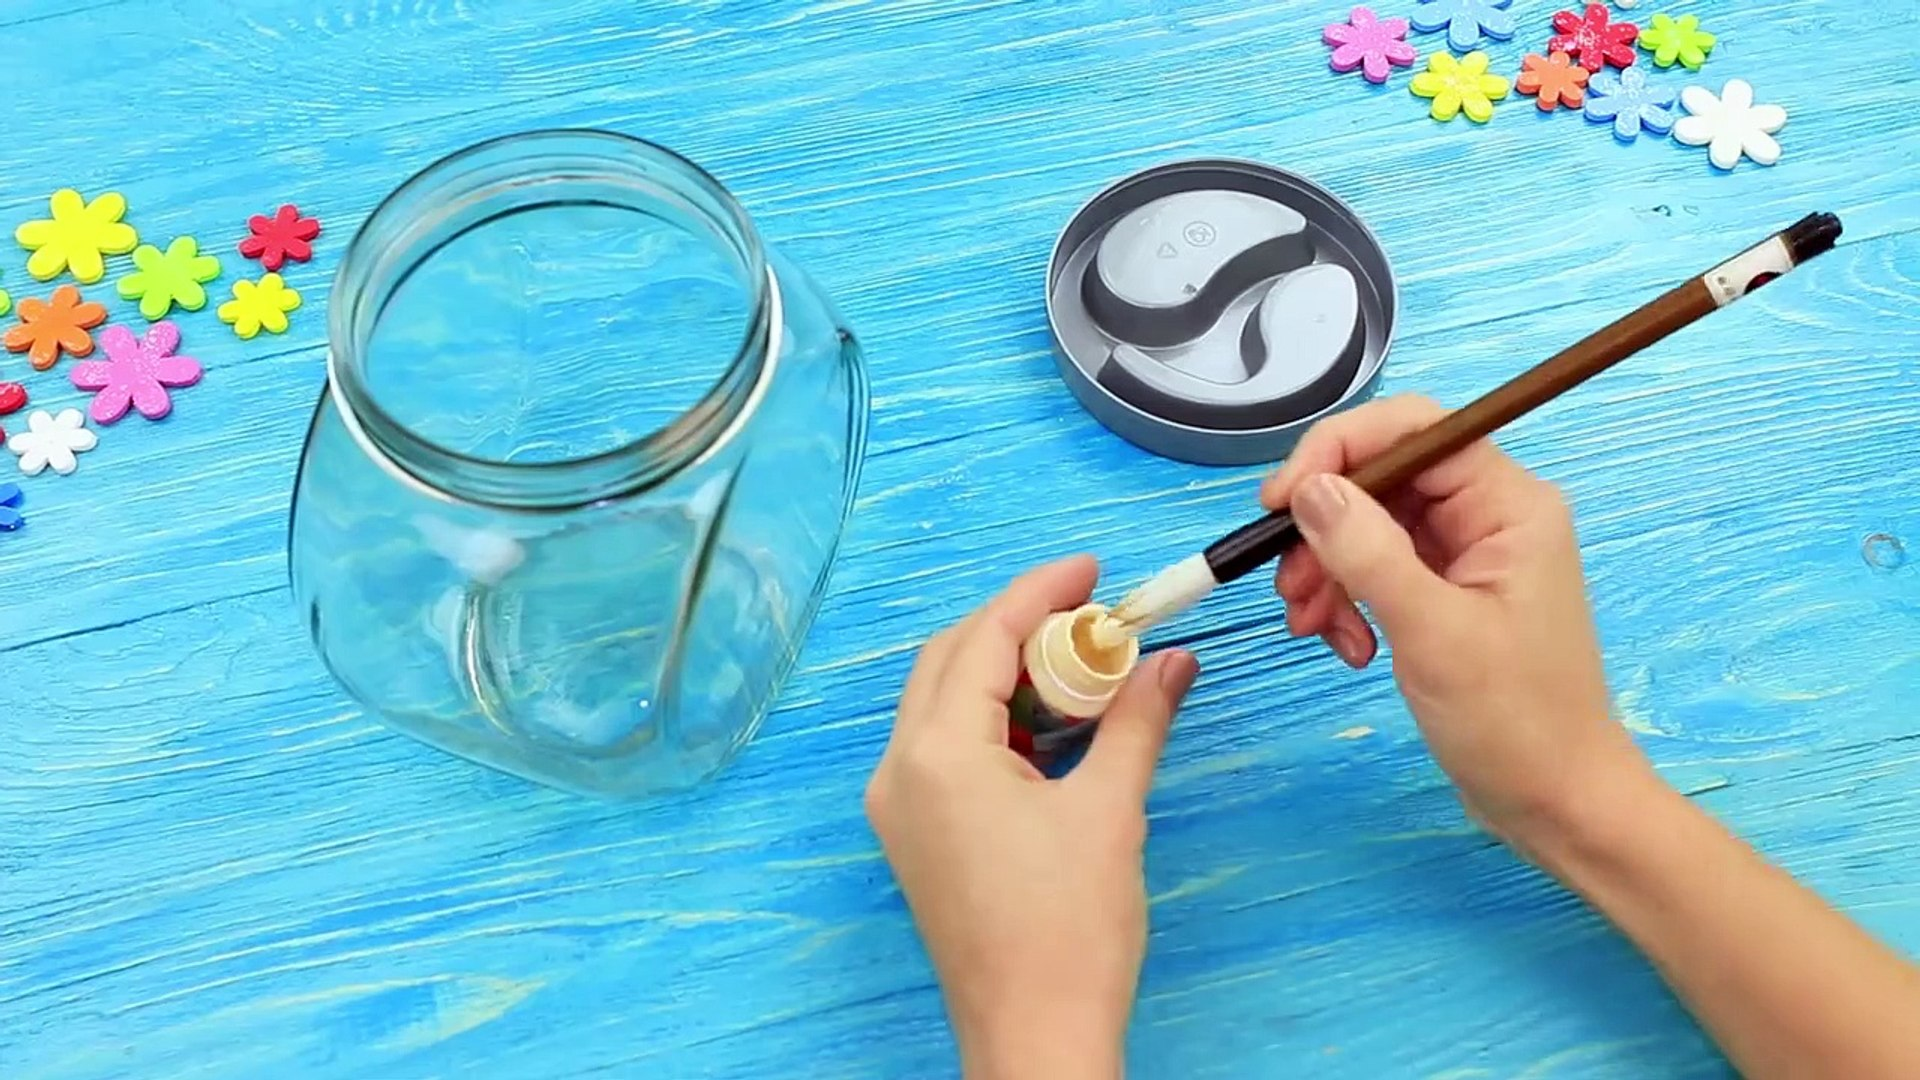 9 DIY Weird Makeup Ideas Miniature And Giant Makeup (2) (2)